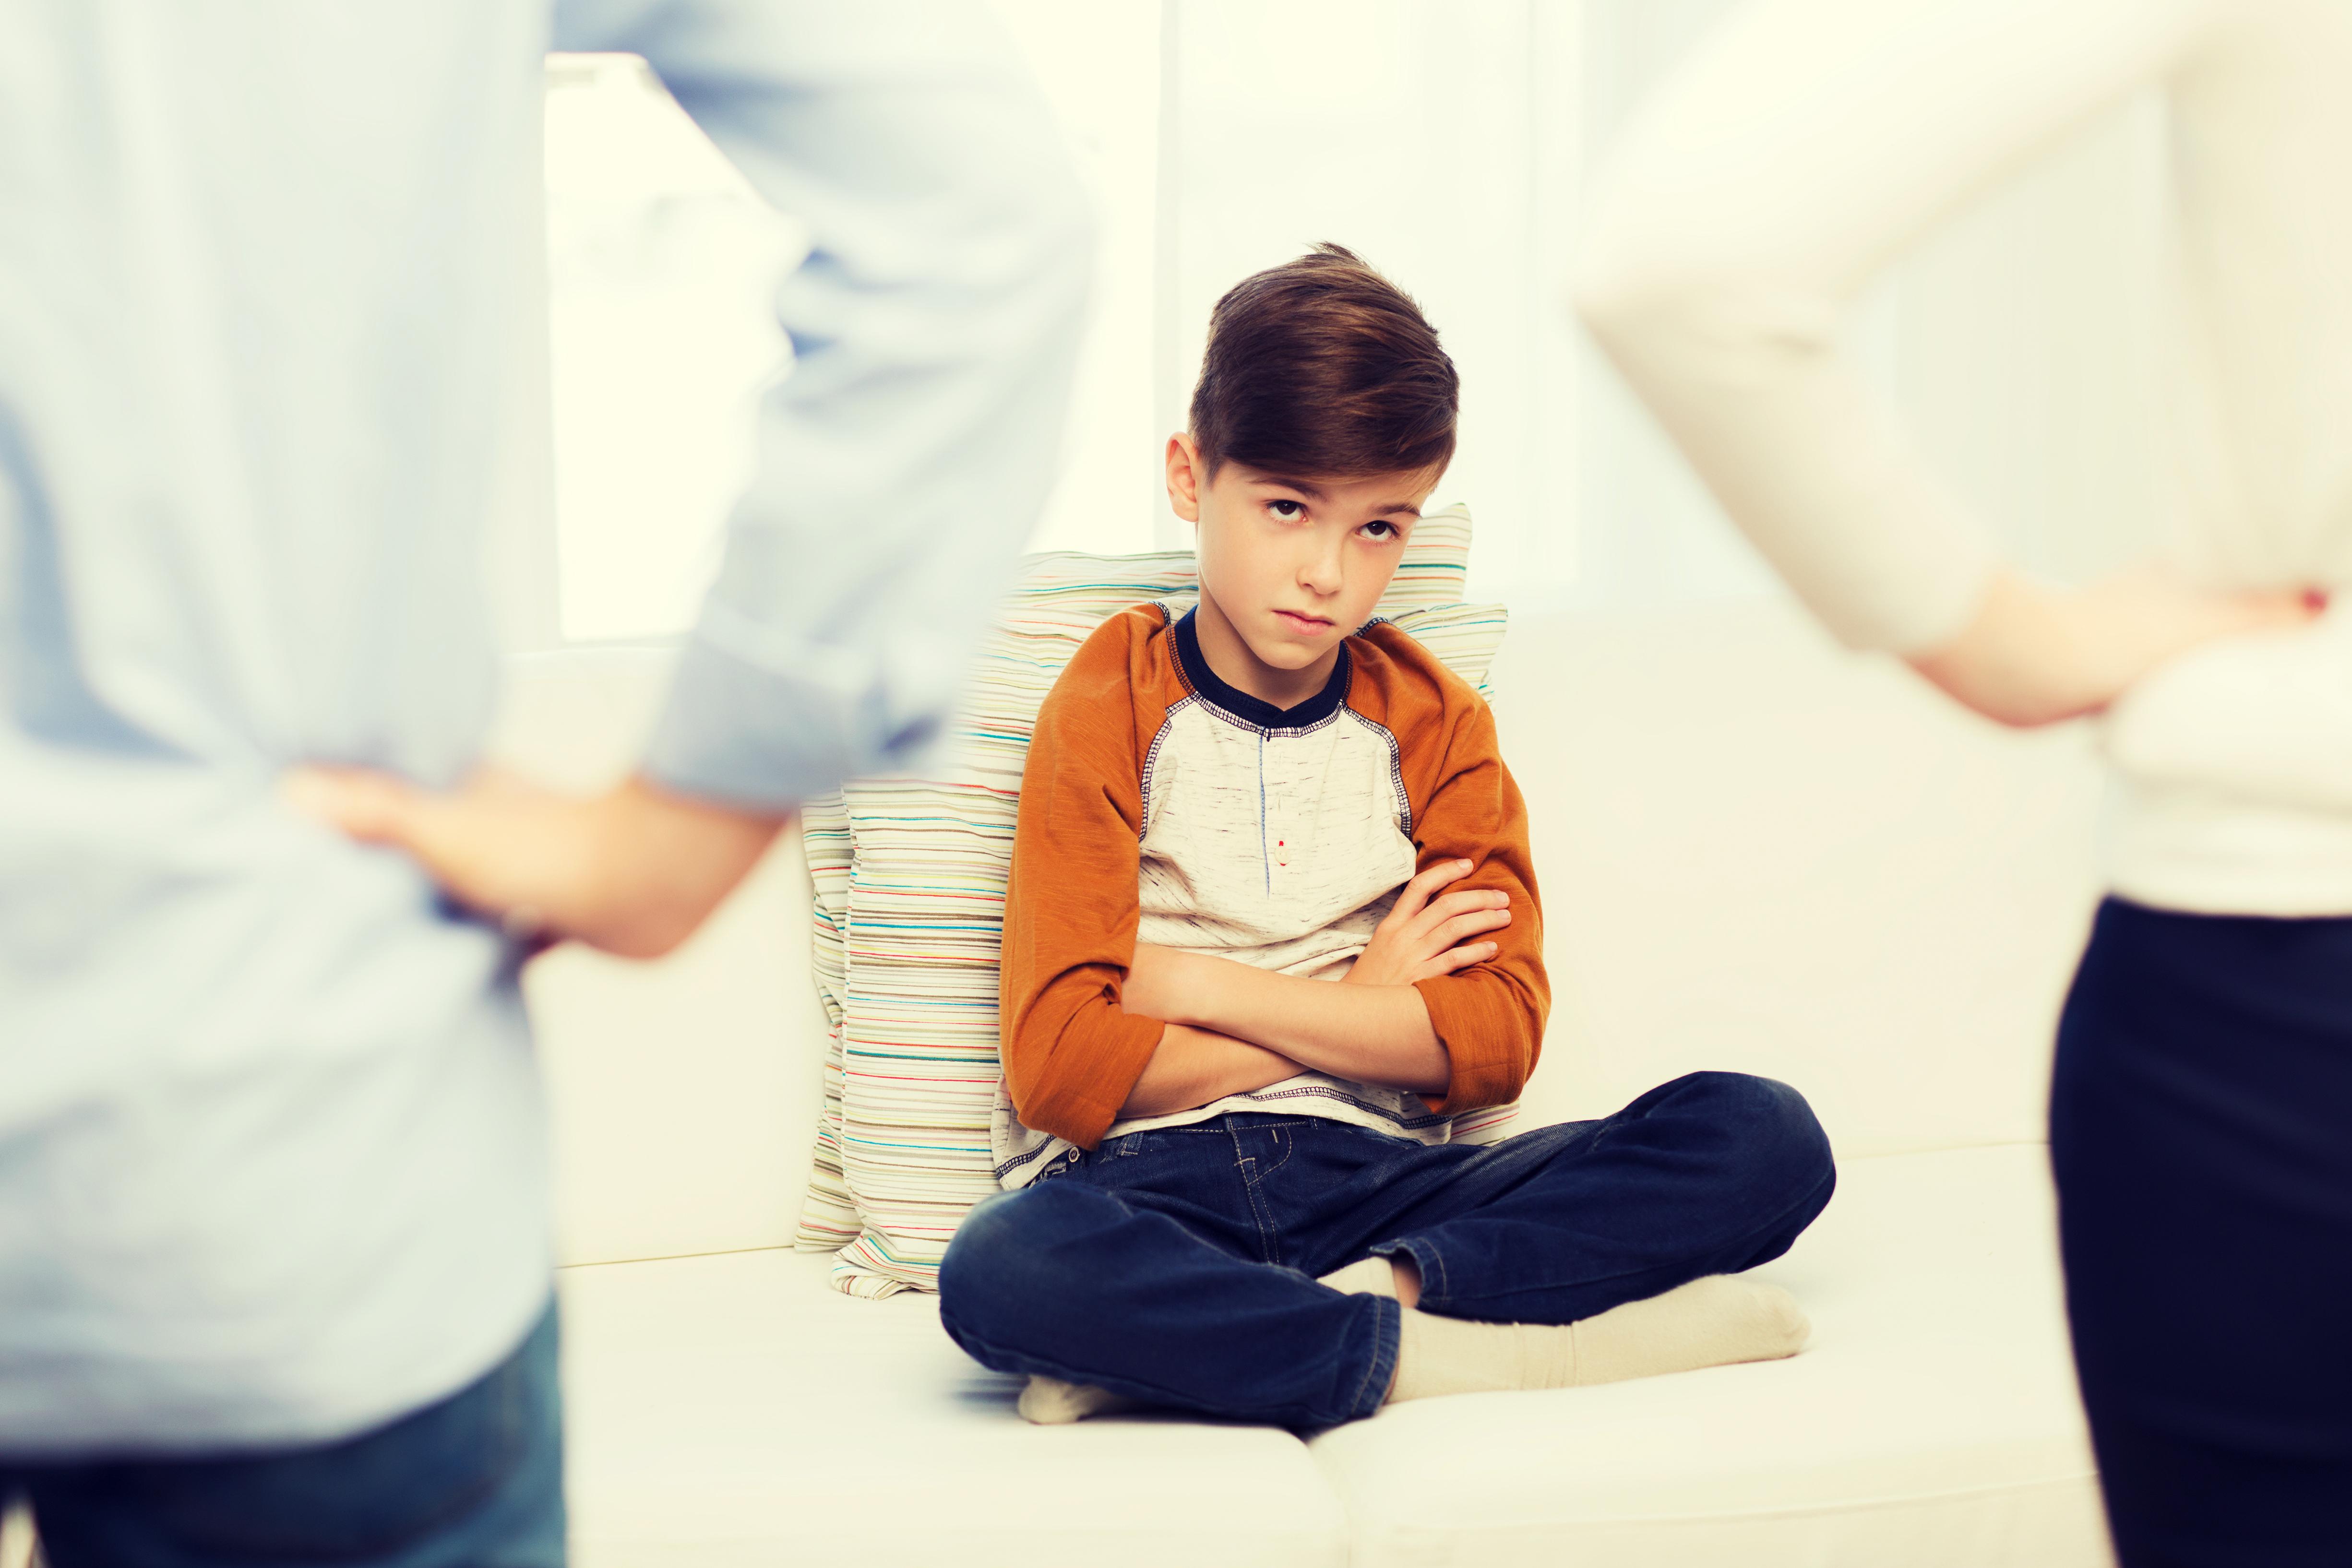 Psychothérapie de l'enfant et de l'adolescent, par Sandrine Victoire coach et thérapeute du cabinet psy 94, http://www.psy-94.fr